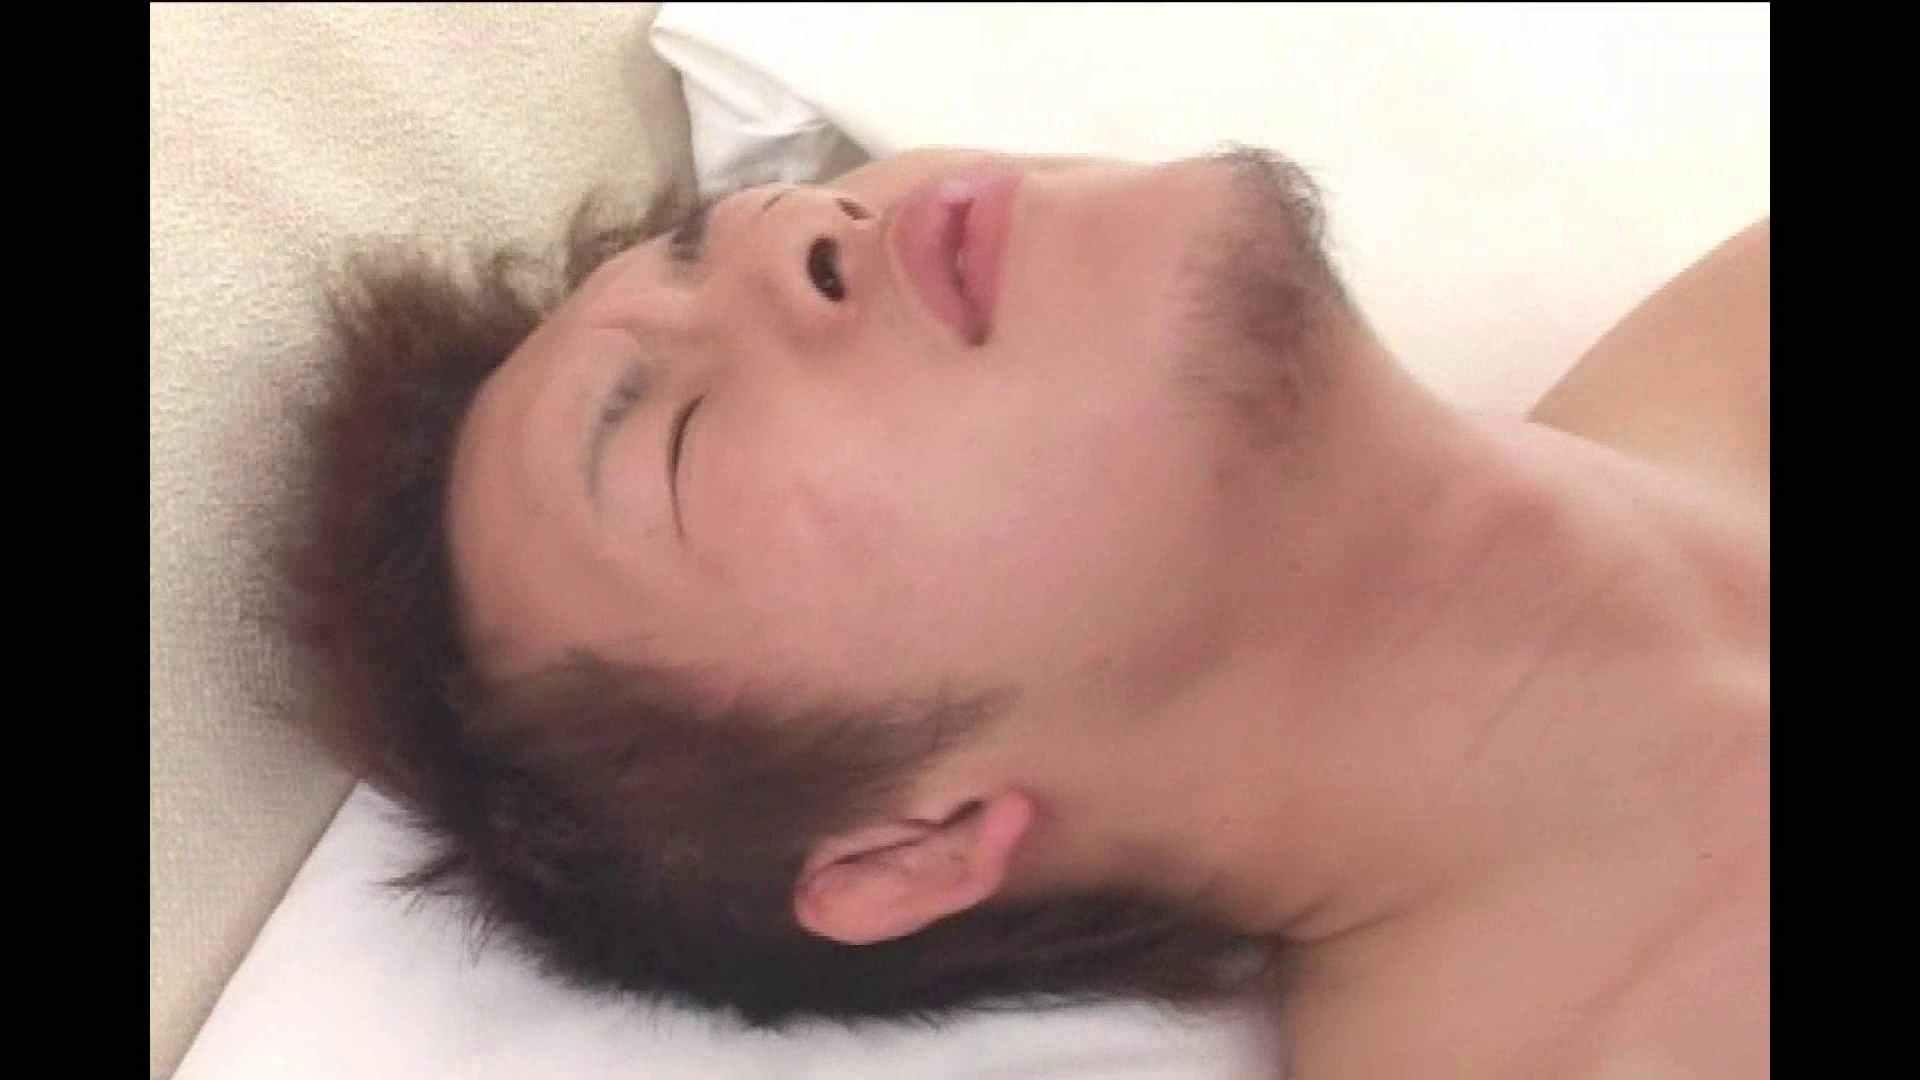 ヤリヤリ野郎共倶楽部vol.21後編 エロエロ動画  68枚 64